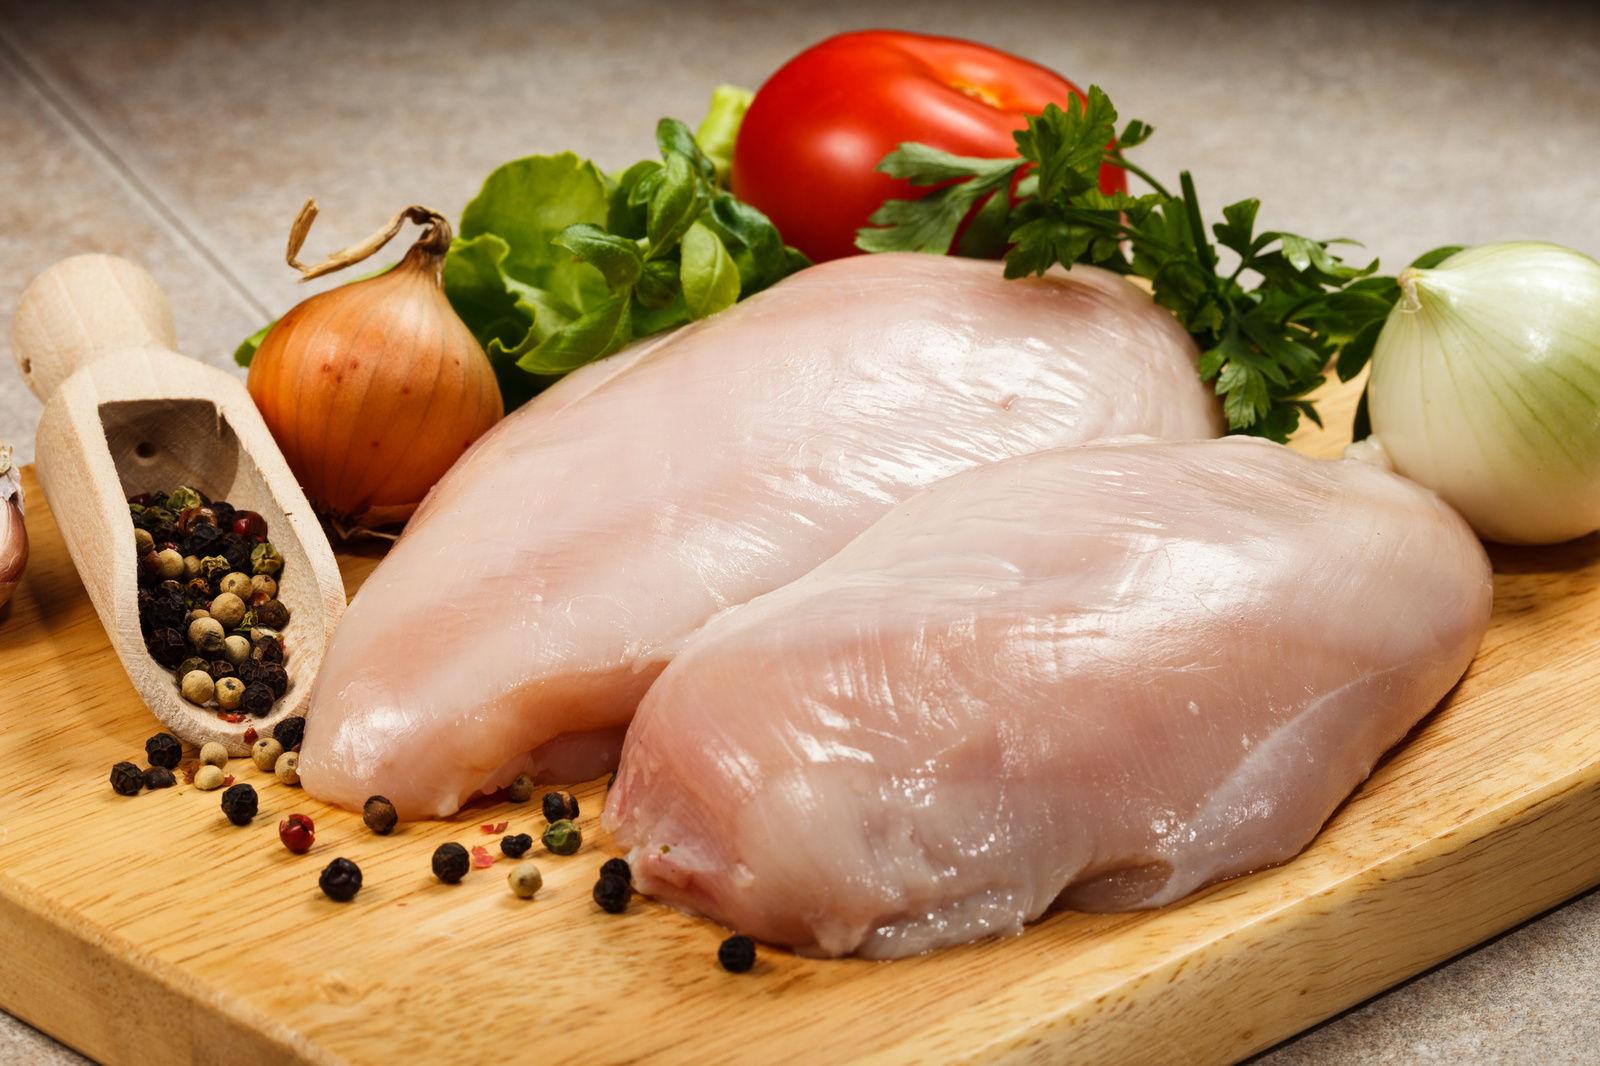 продукты которые помогут похудеть